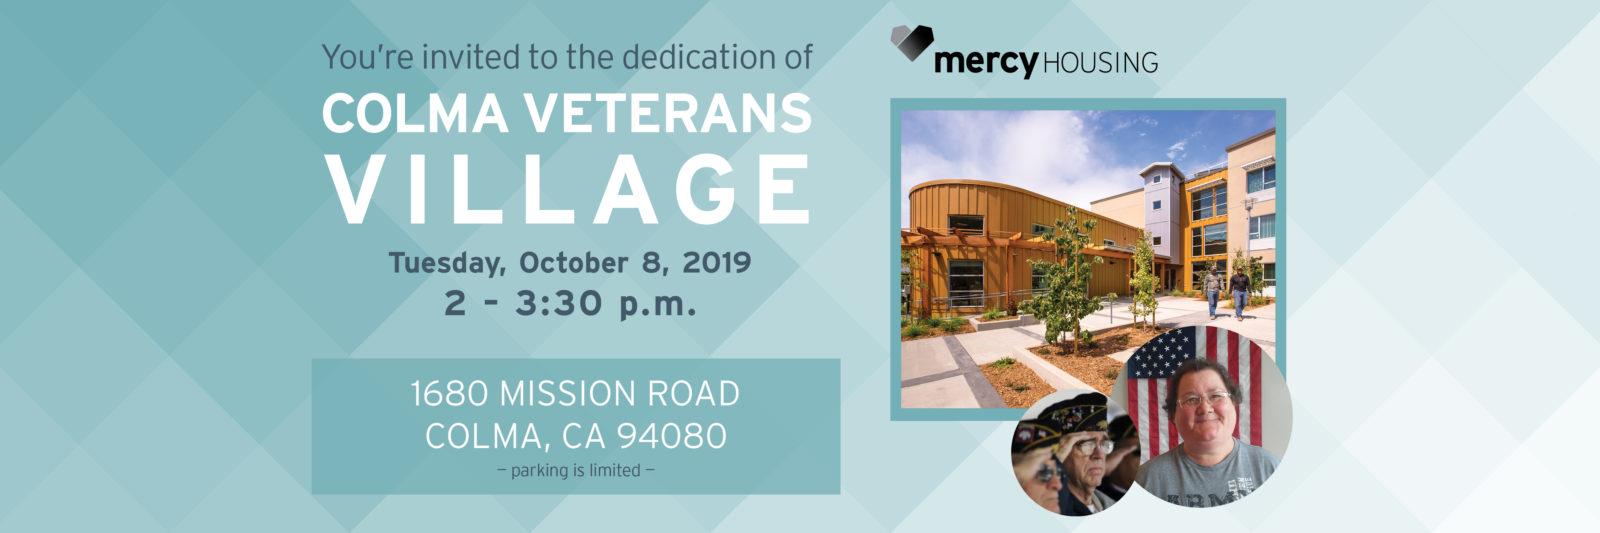 Colma Veterans Village Dedication | October 8 2-3:30pm